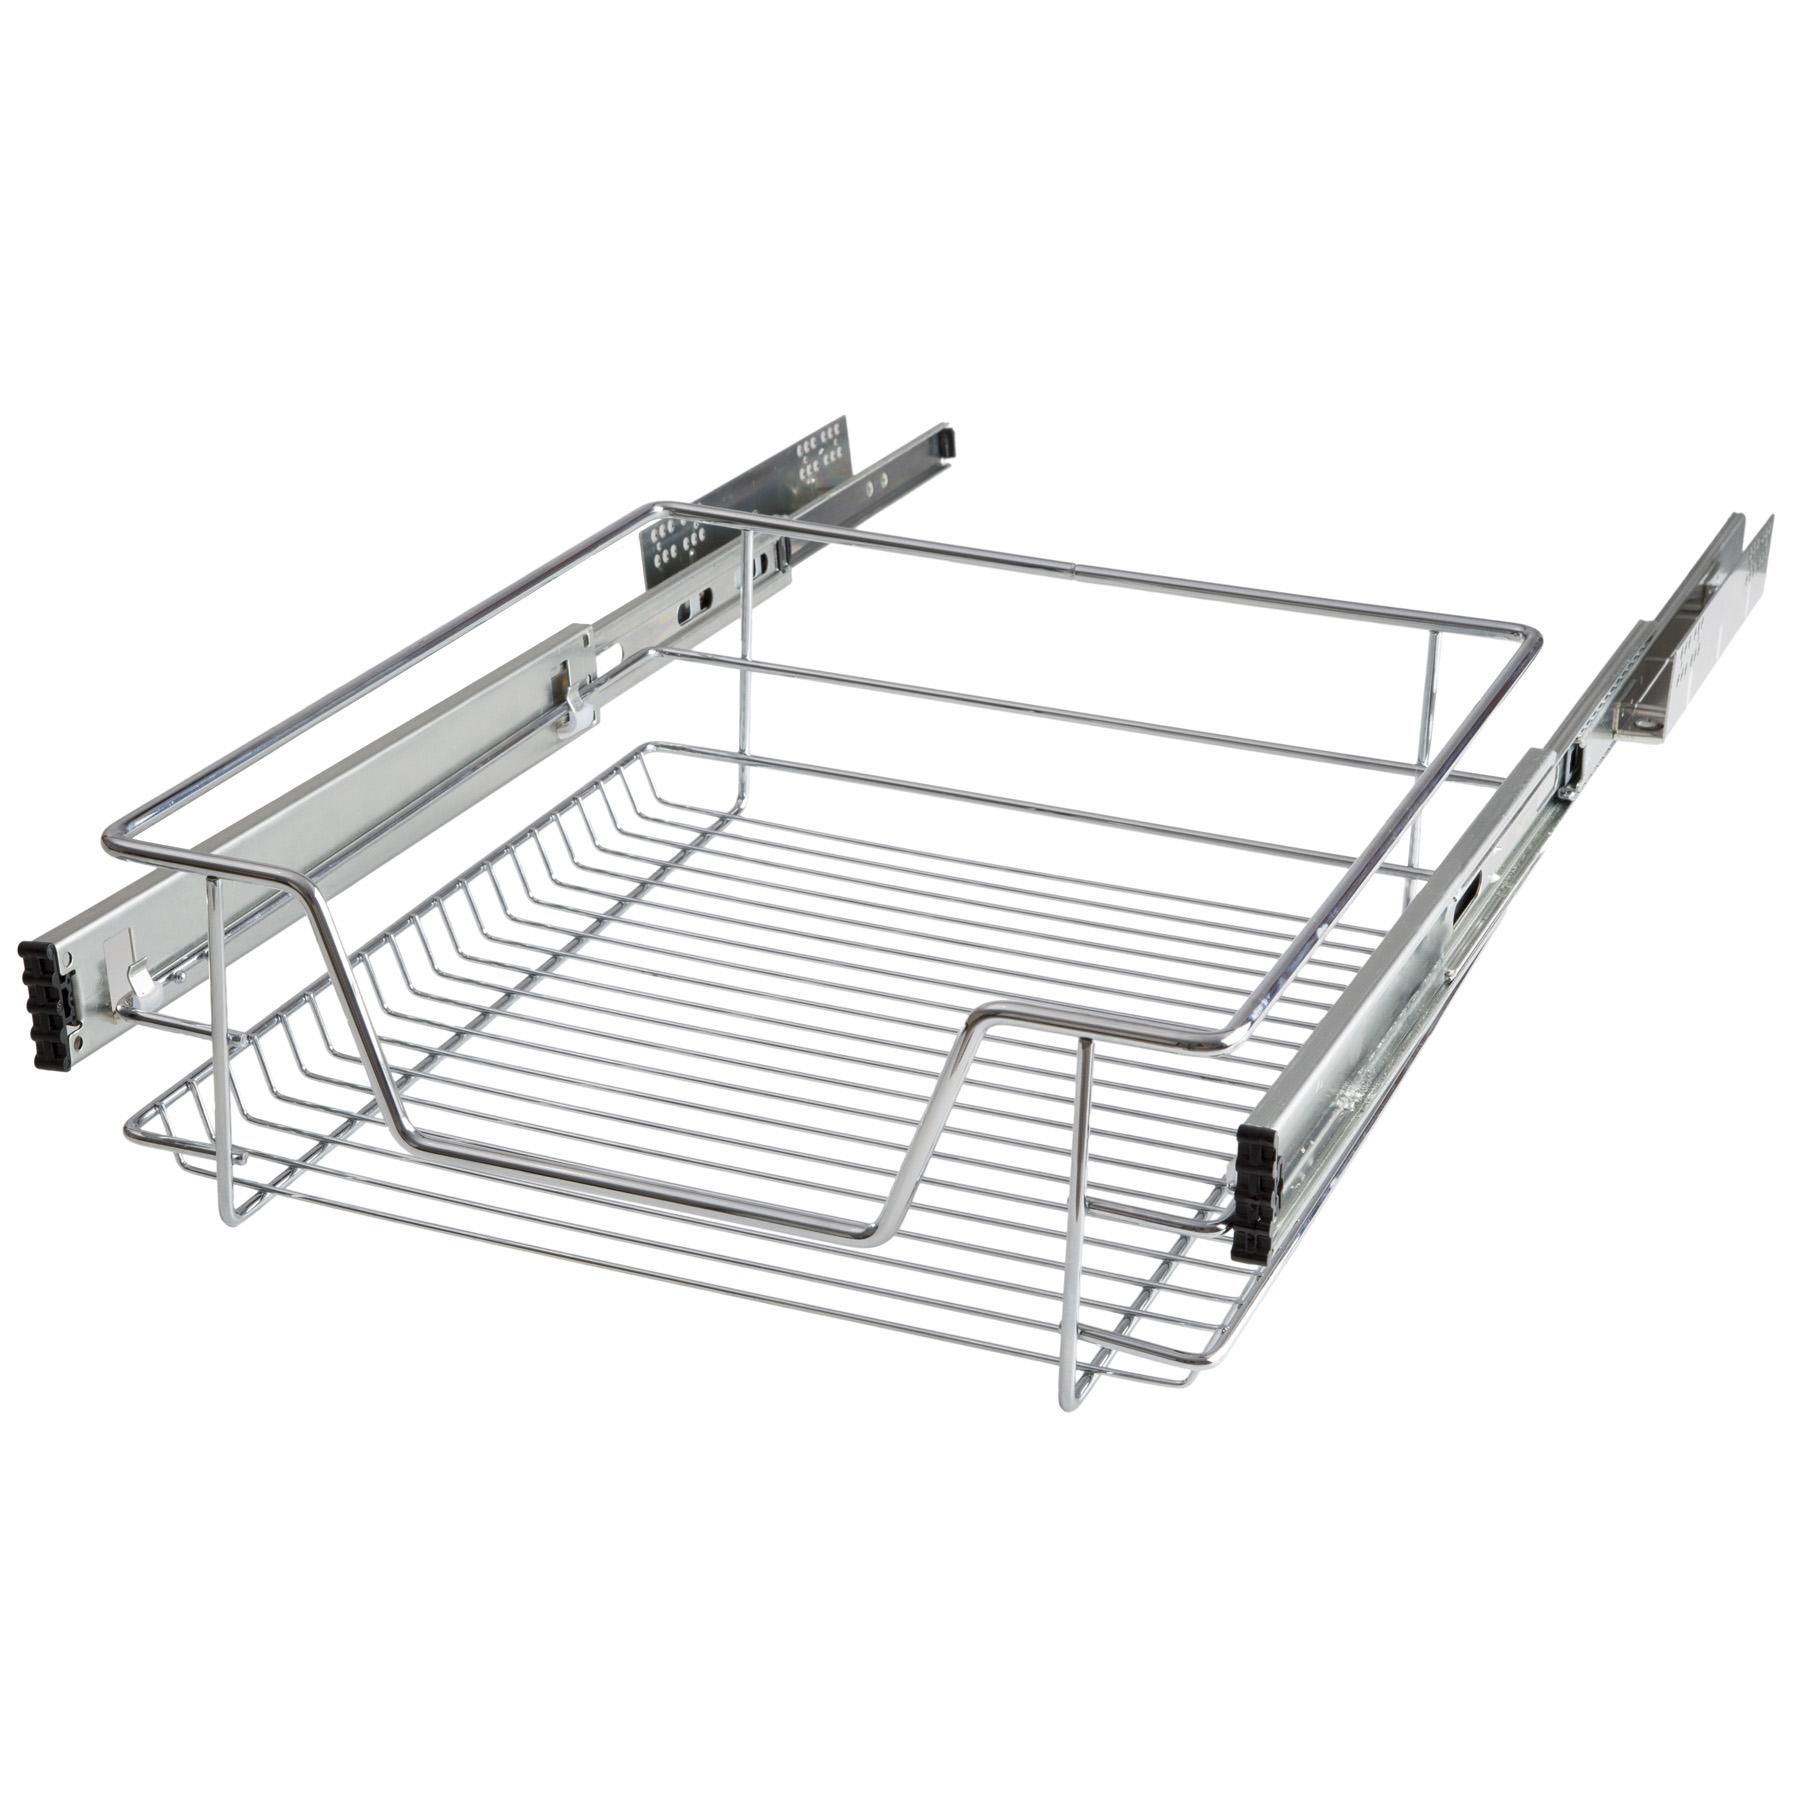 Panier de rangement coulissant cuisine meuble pour placard tag re tiroir 50 cm ebay - Panier rangement cuisine ...